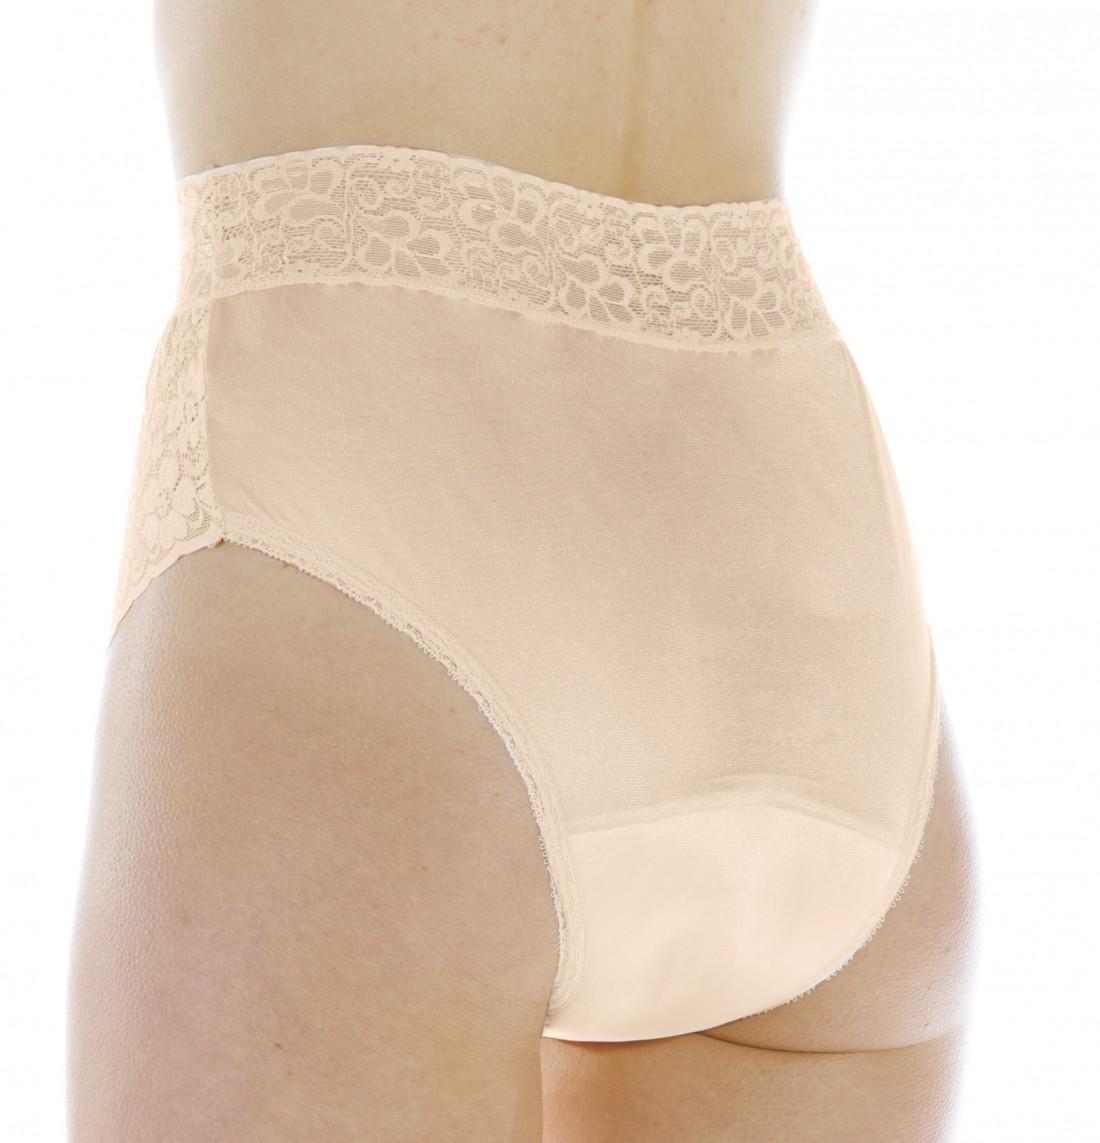 Lovely Lace Panties - Wearever L109 - Regular Absorbency